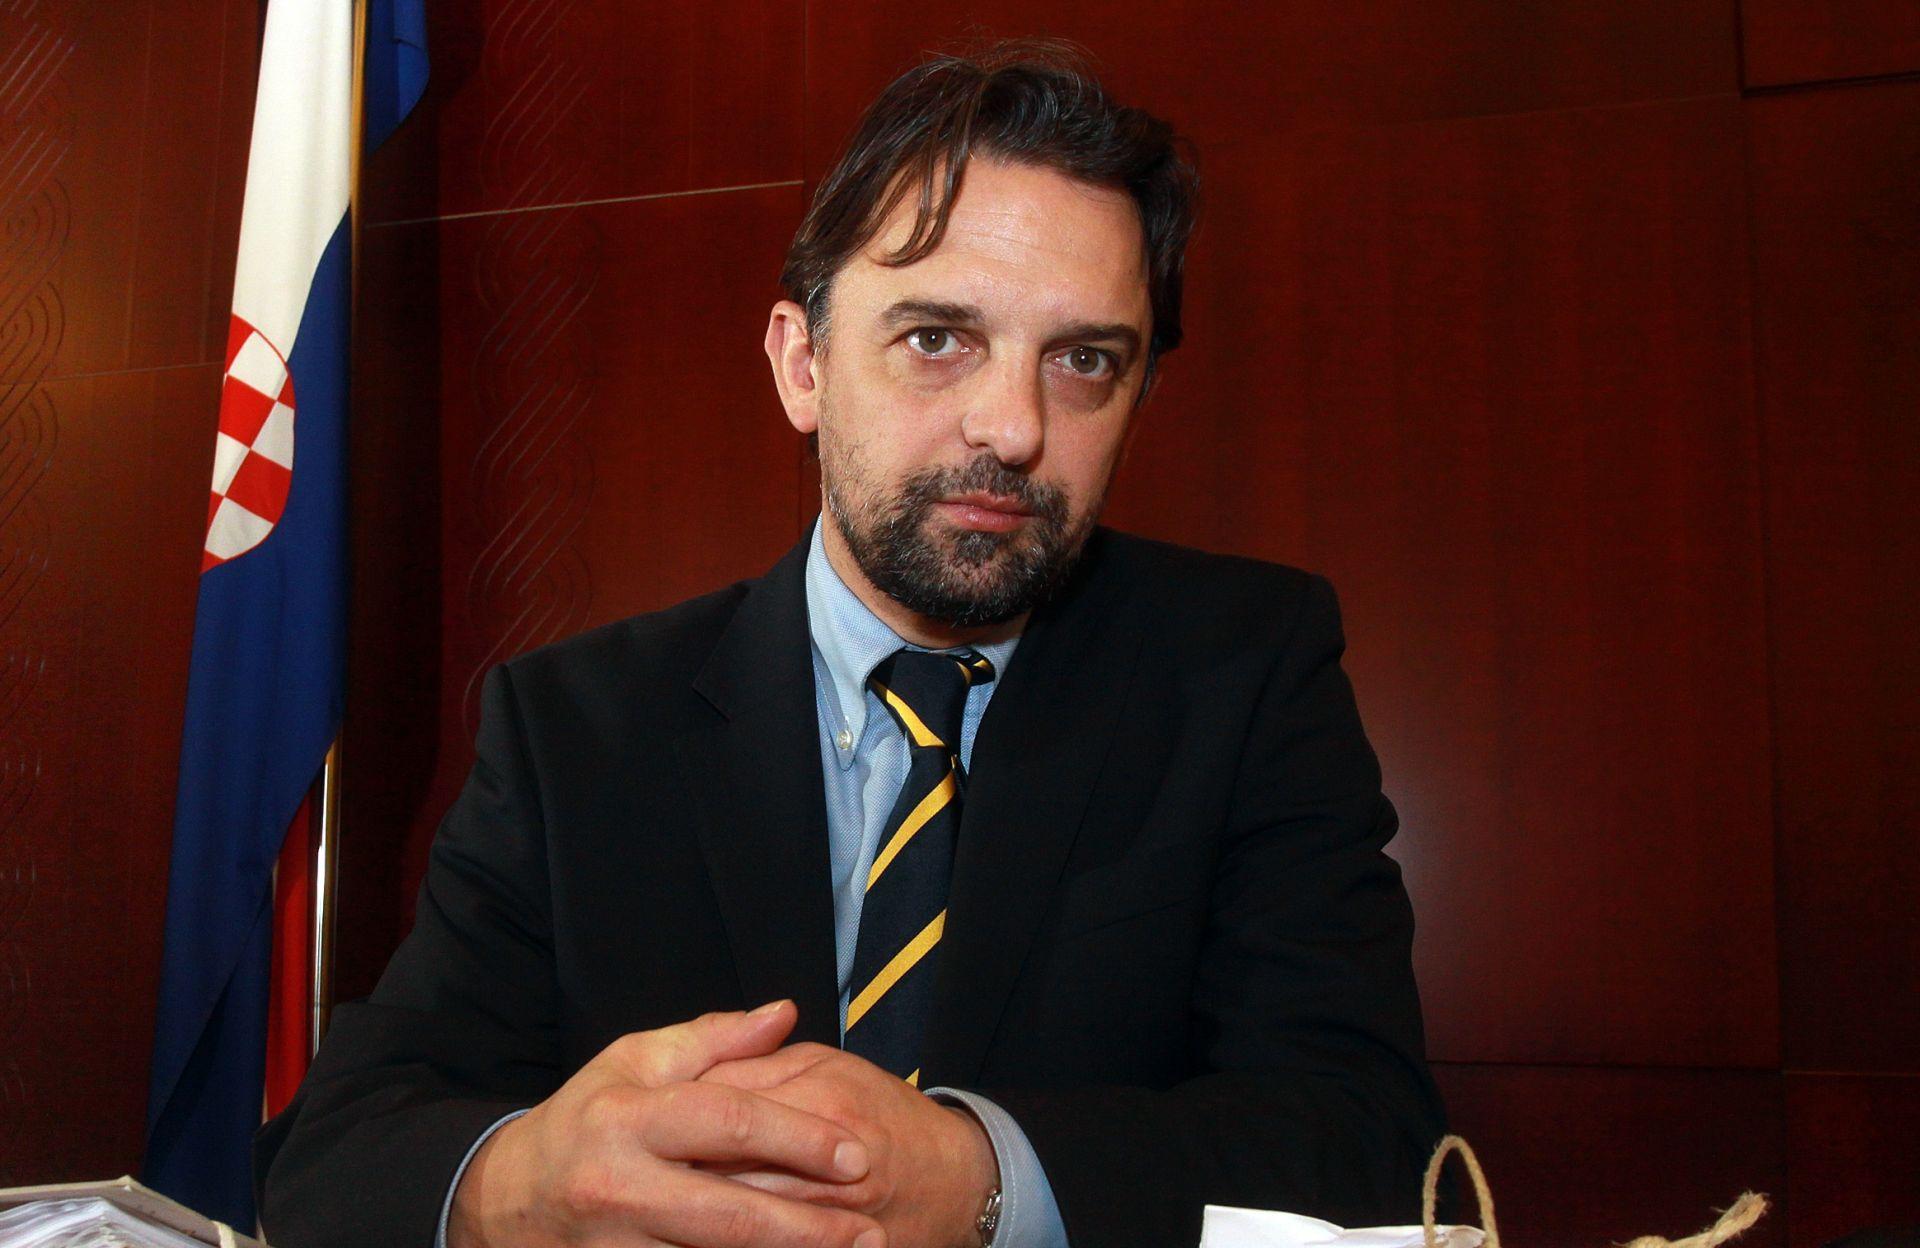 20.01.2012., Zagreb - Ivica Veselic, sudac na Zupanijskom sudu u Zagrebu.   Photo: Zarko Basic/PIXSELL